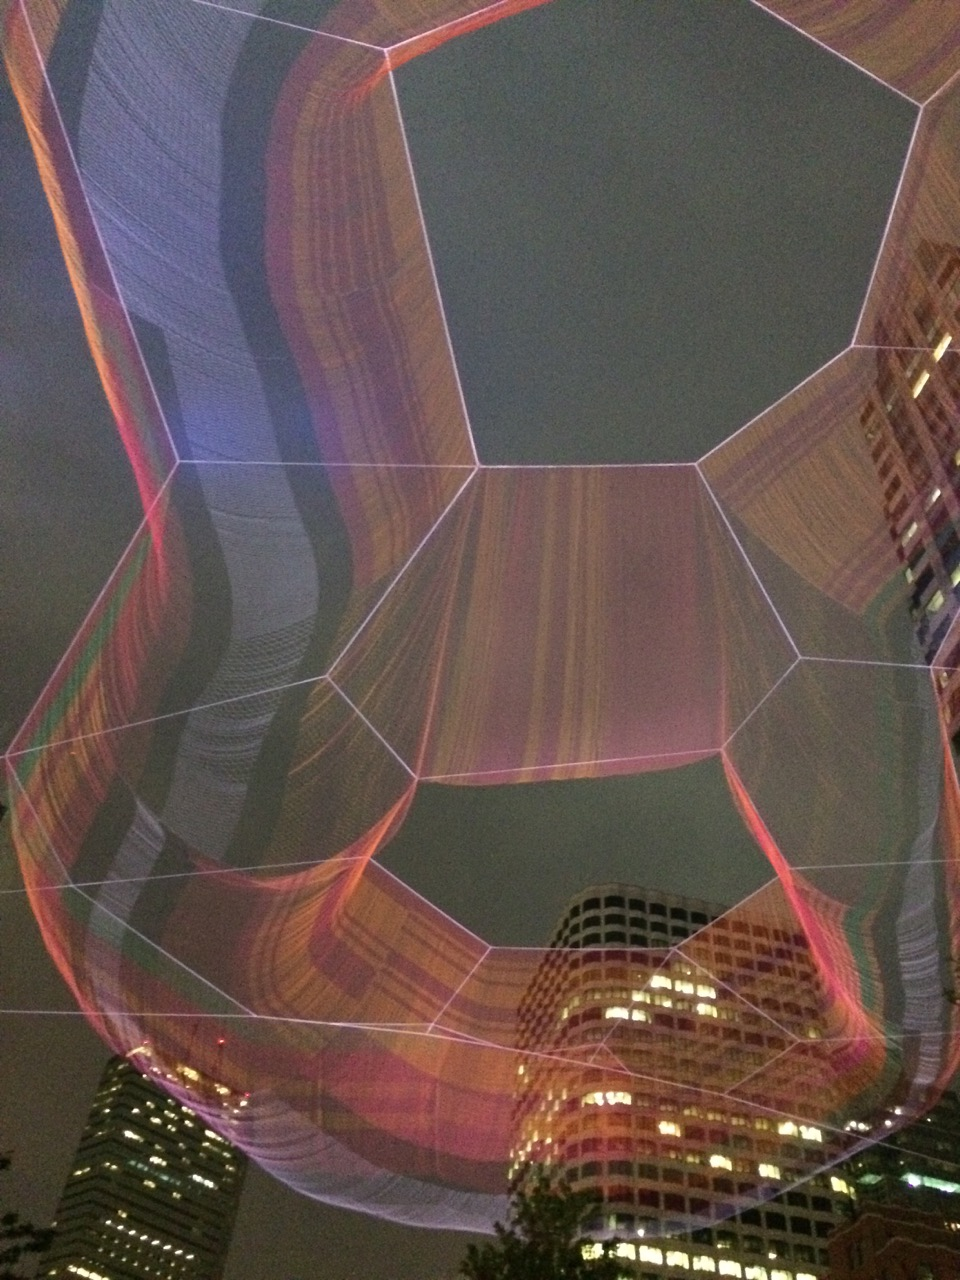 Aerial Sculpture